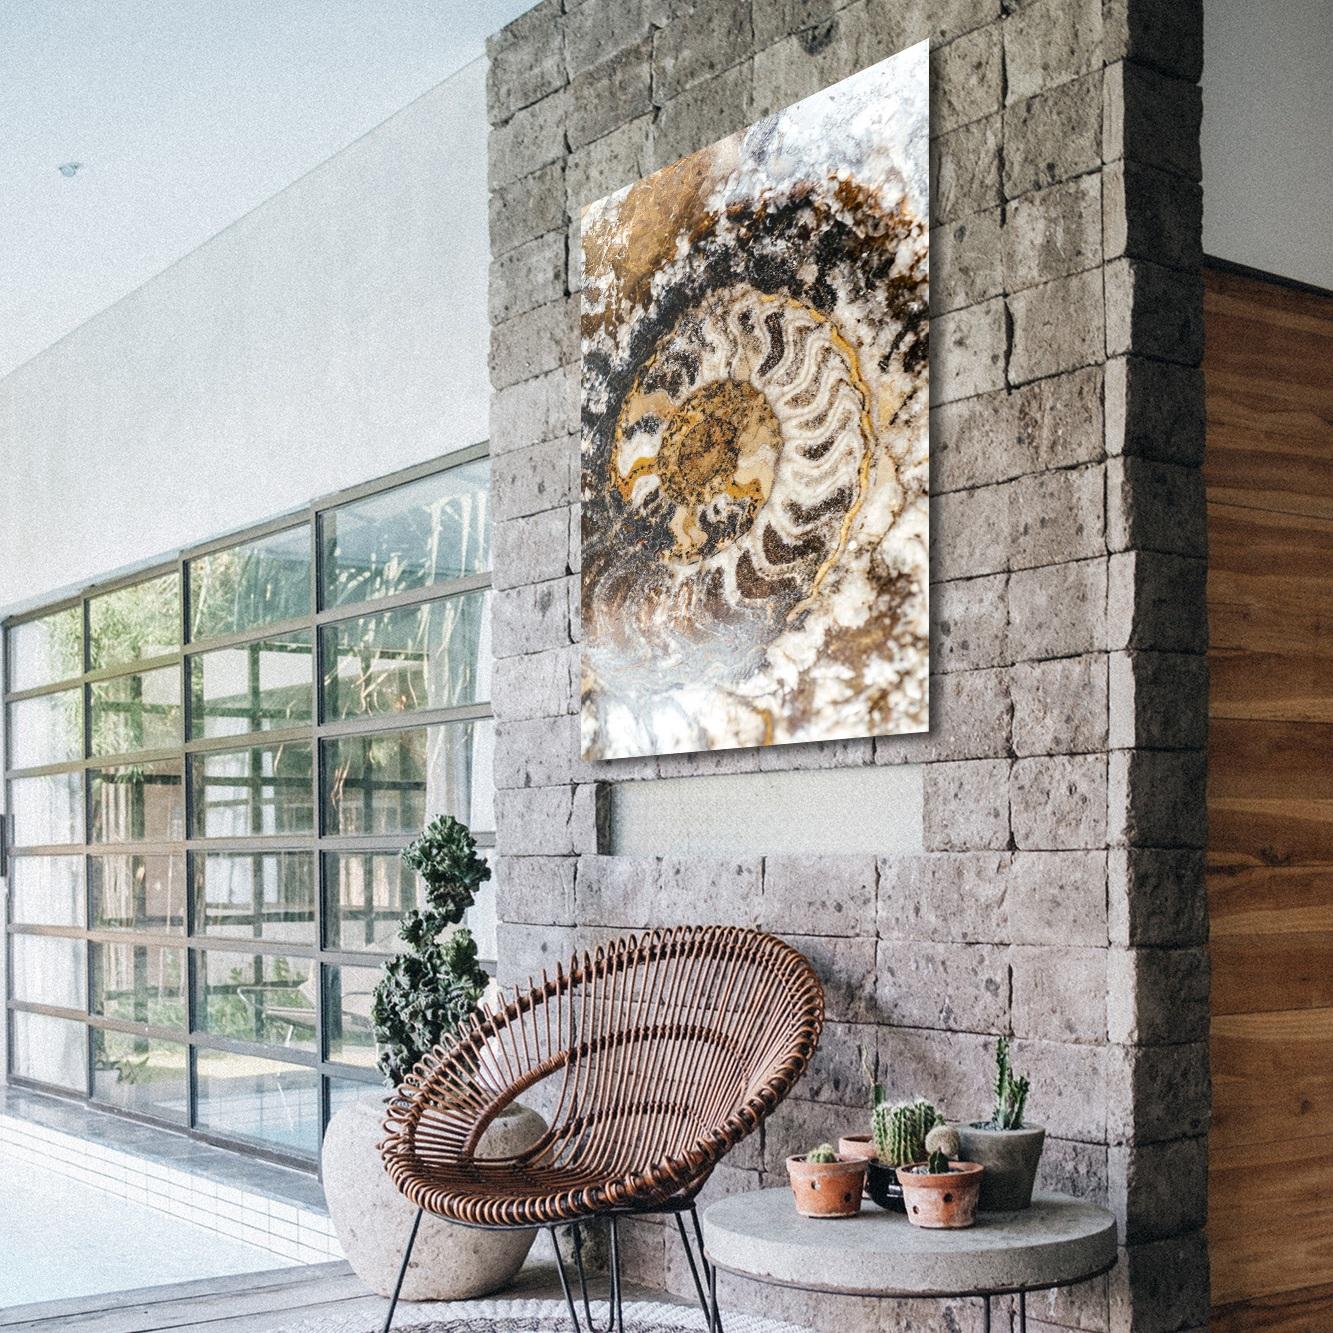 - Décorer vos maisons de tableaux afin d'intégrer les vibrations cristallines à votre intérieur.